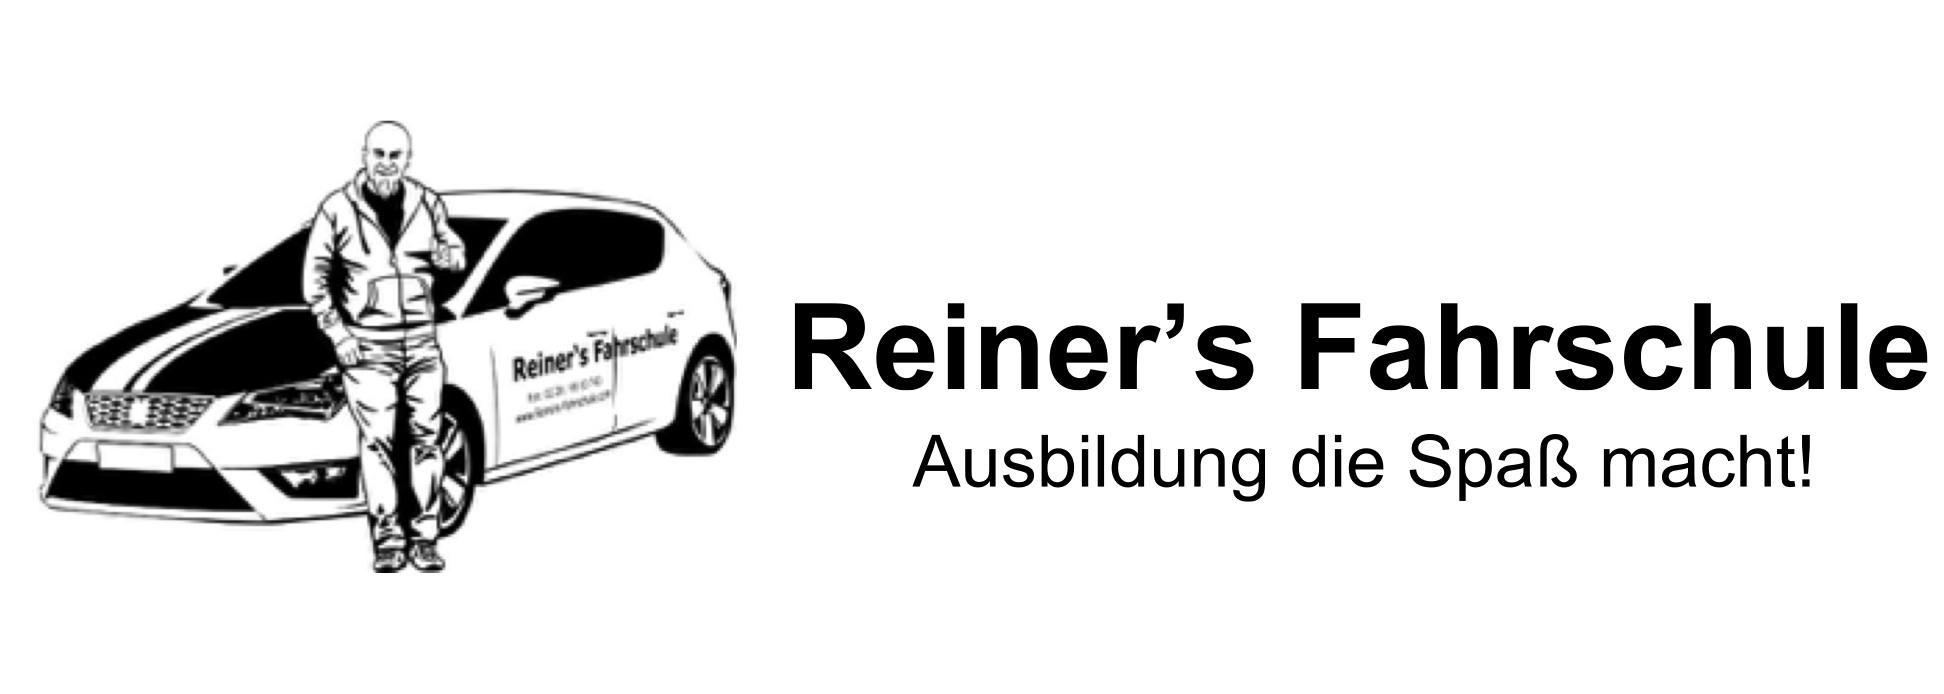 Reiner's Fahrschule